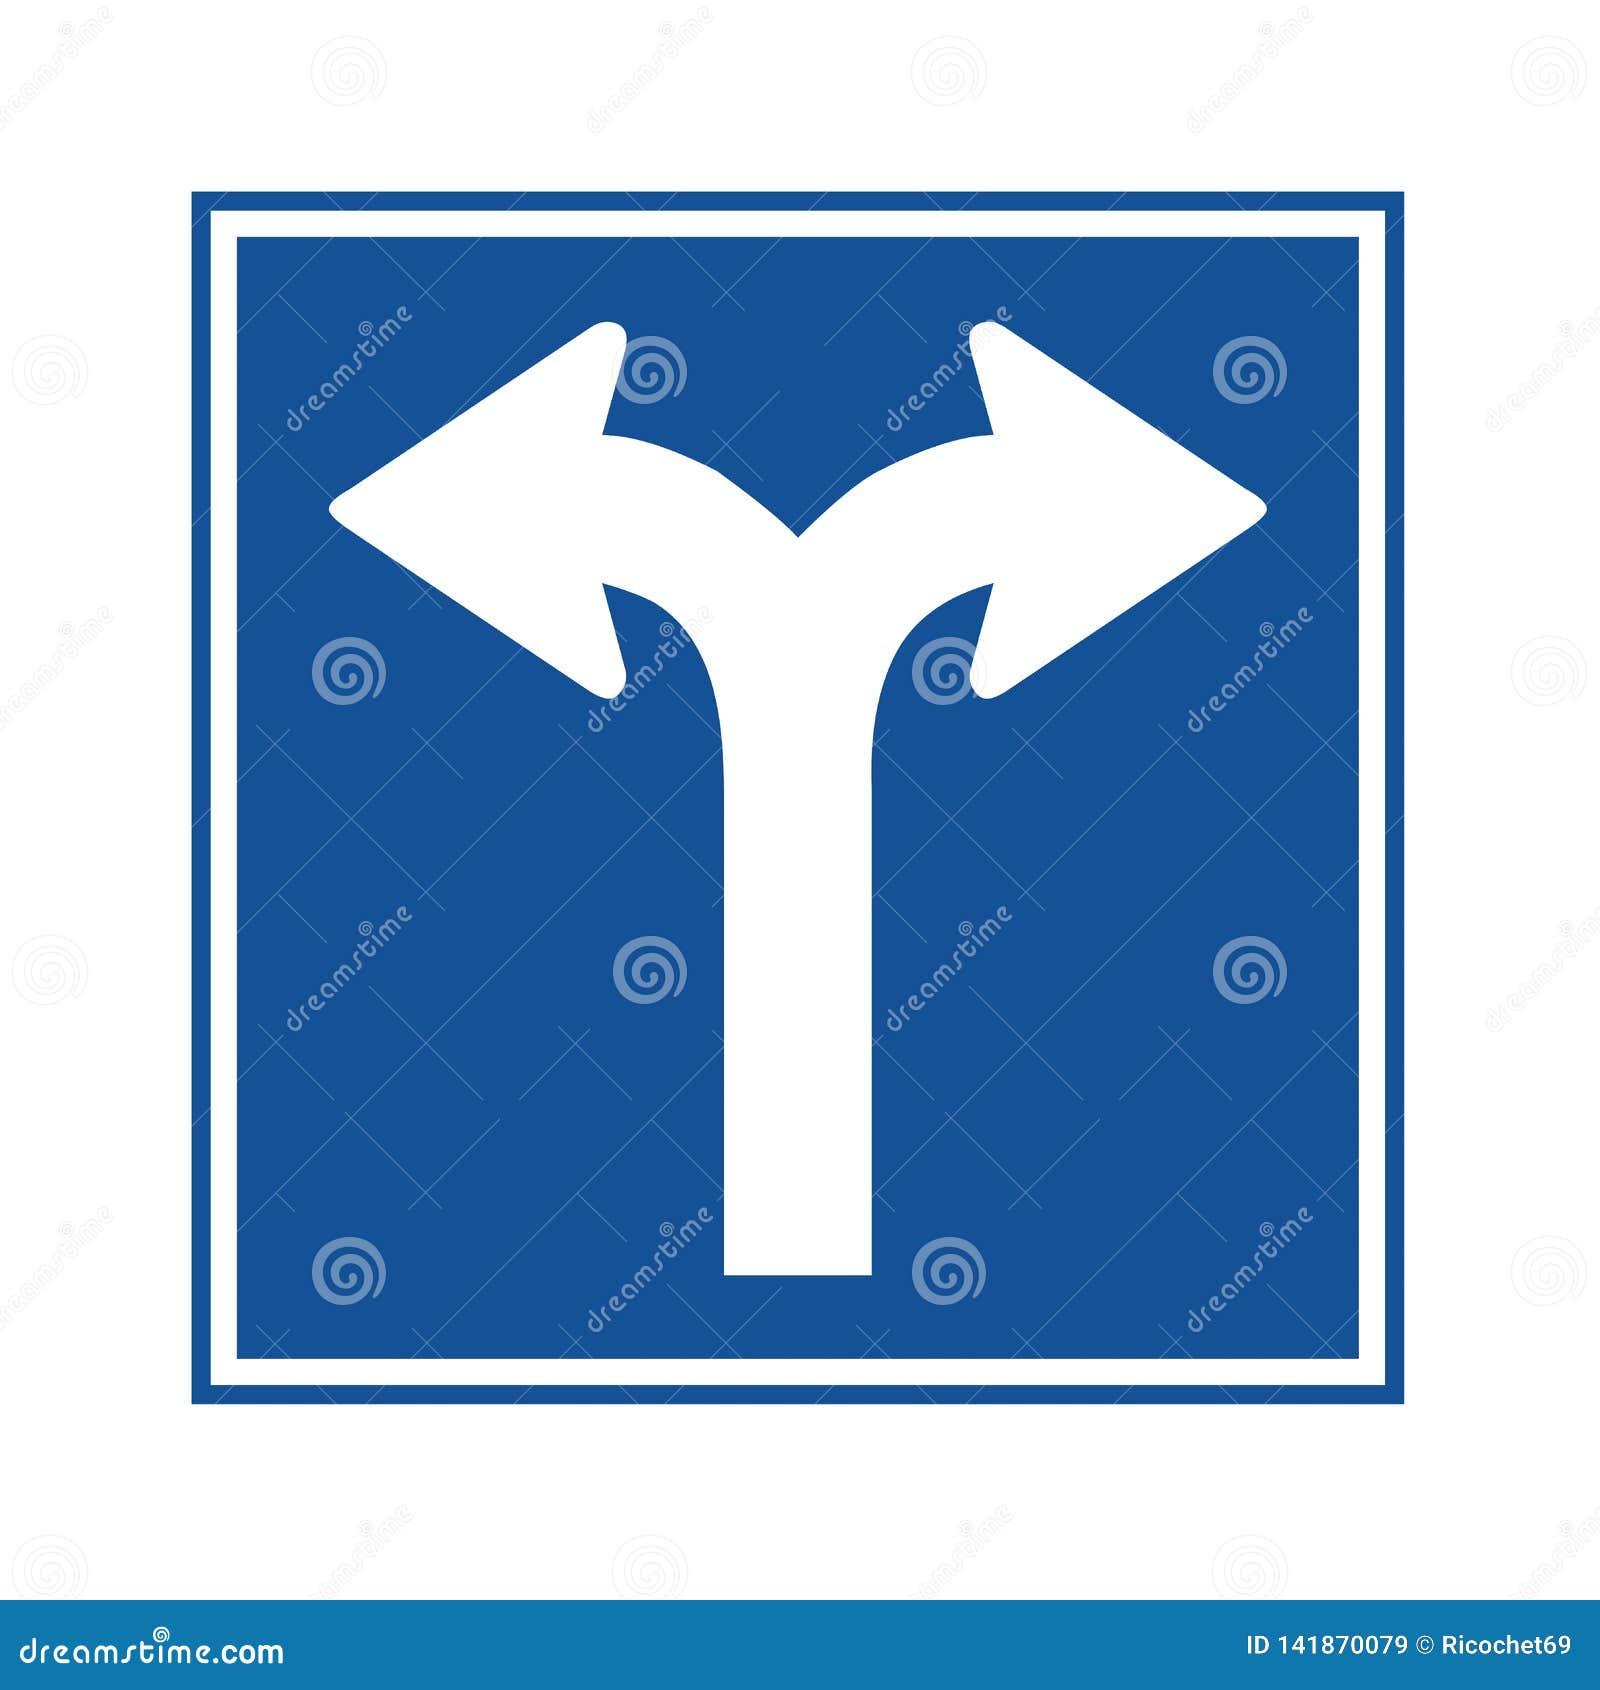 Gabel im StraßenVerkehrszeichen